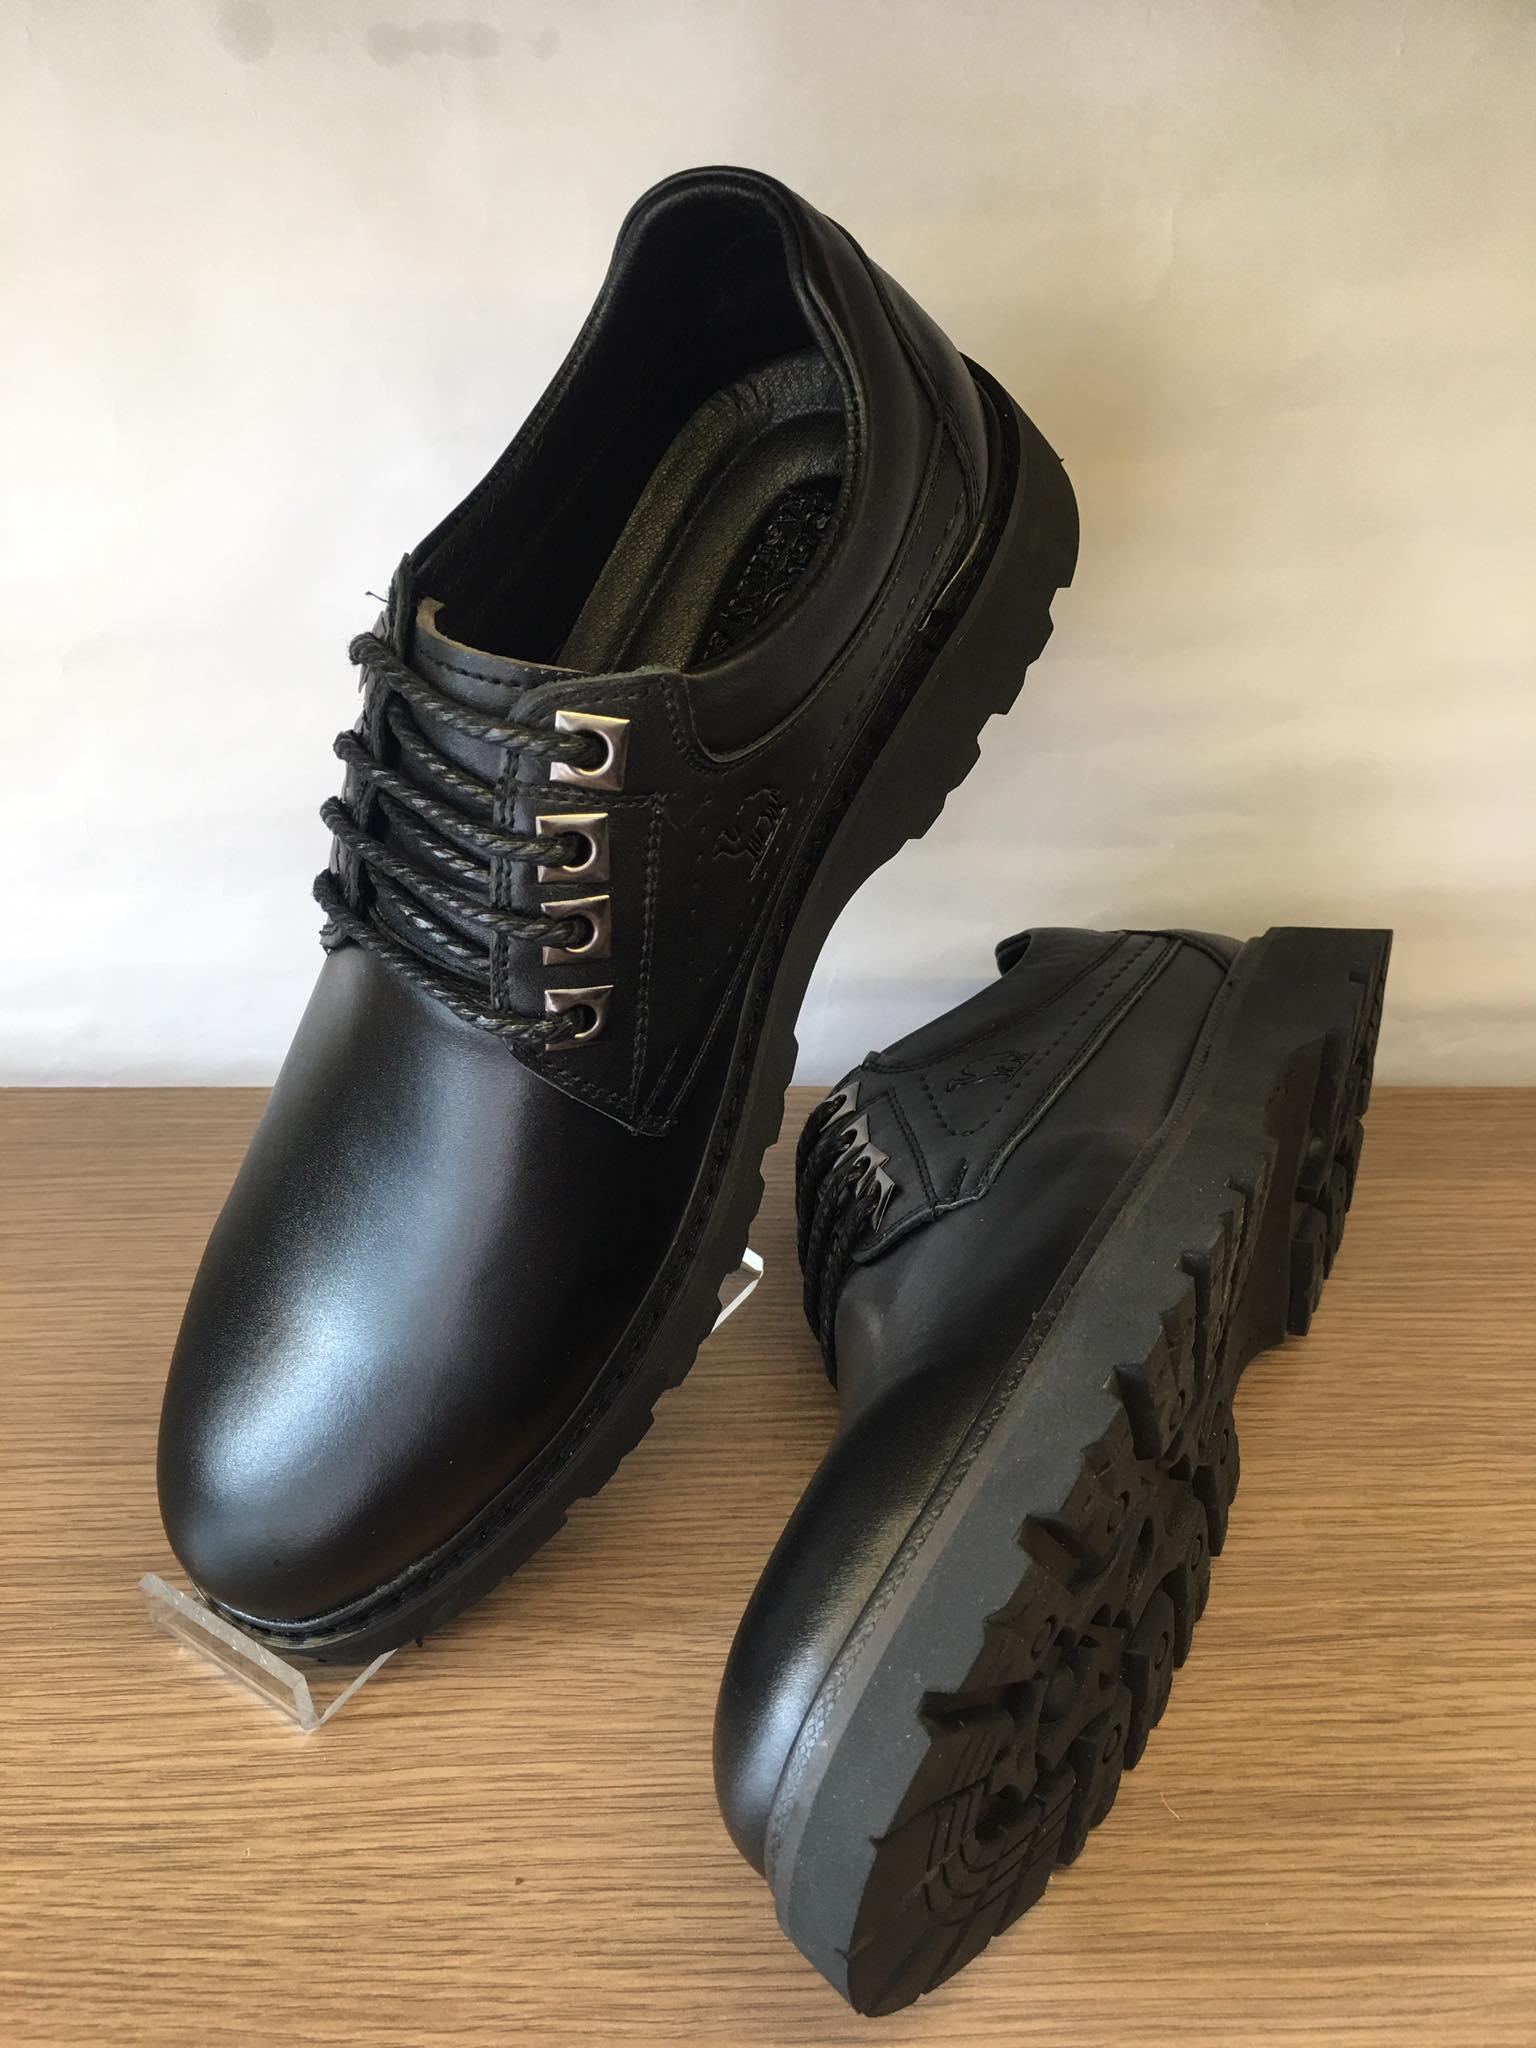 Giày đốc tờ da bò màu Đen Tây Gồ Đen-G02